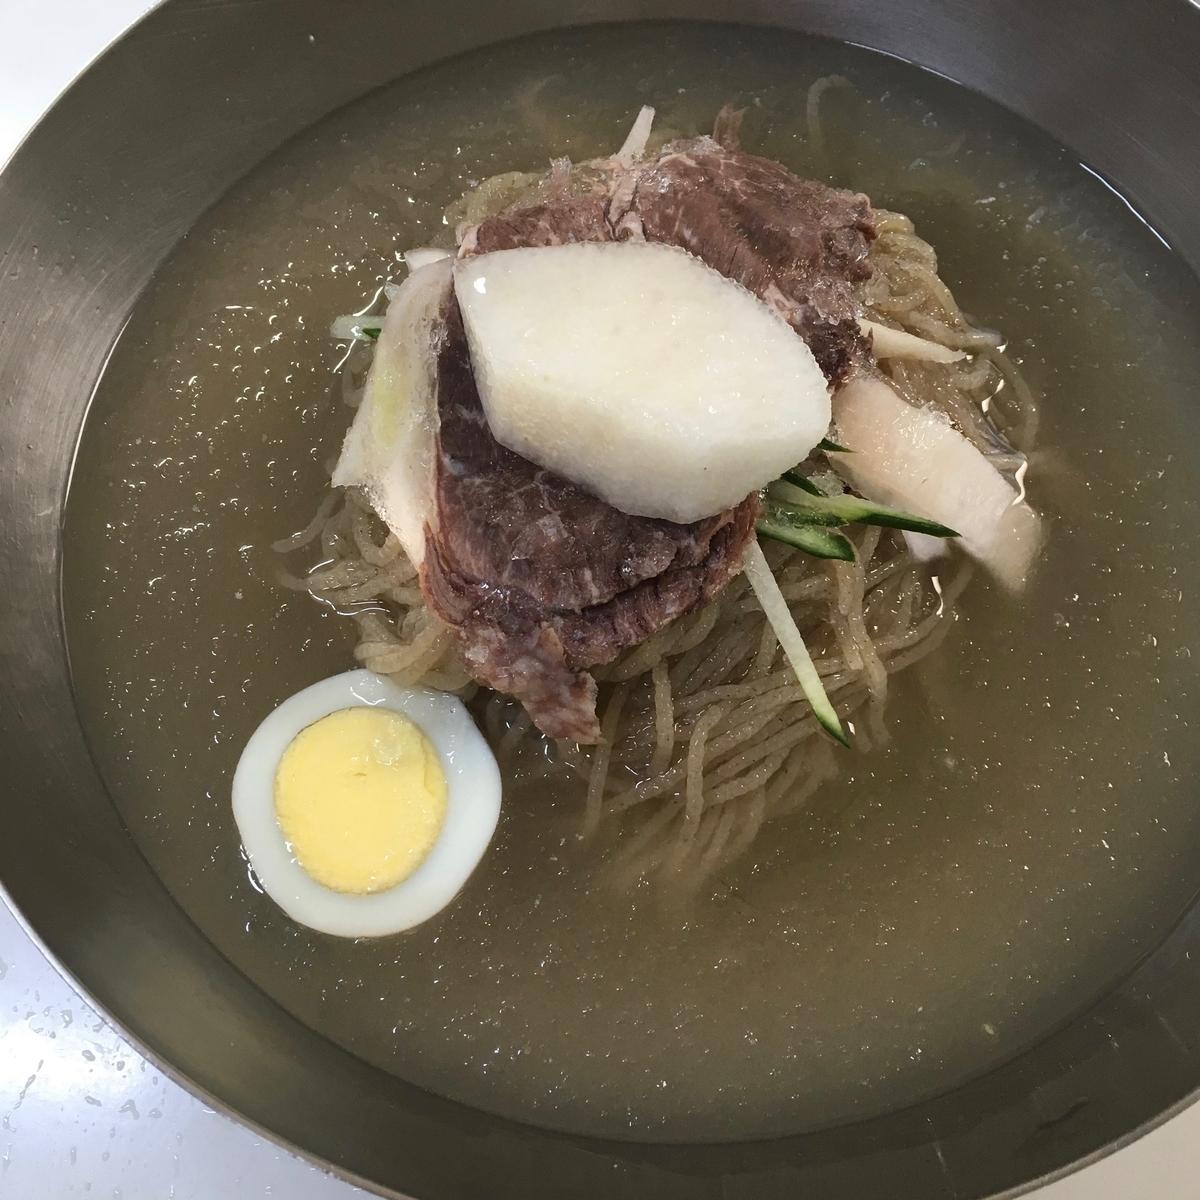 日本で再現できない透明スープ系のお料理 冷麺